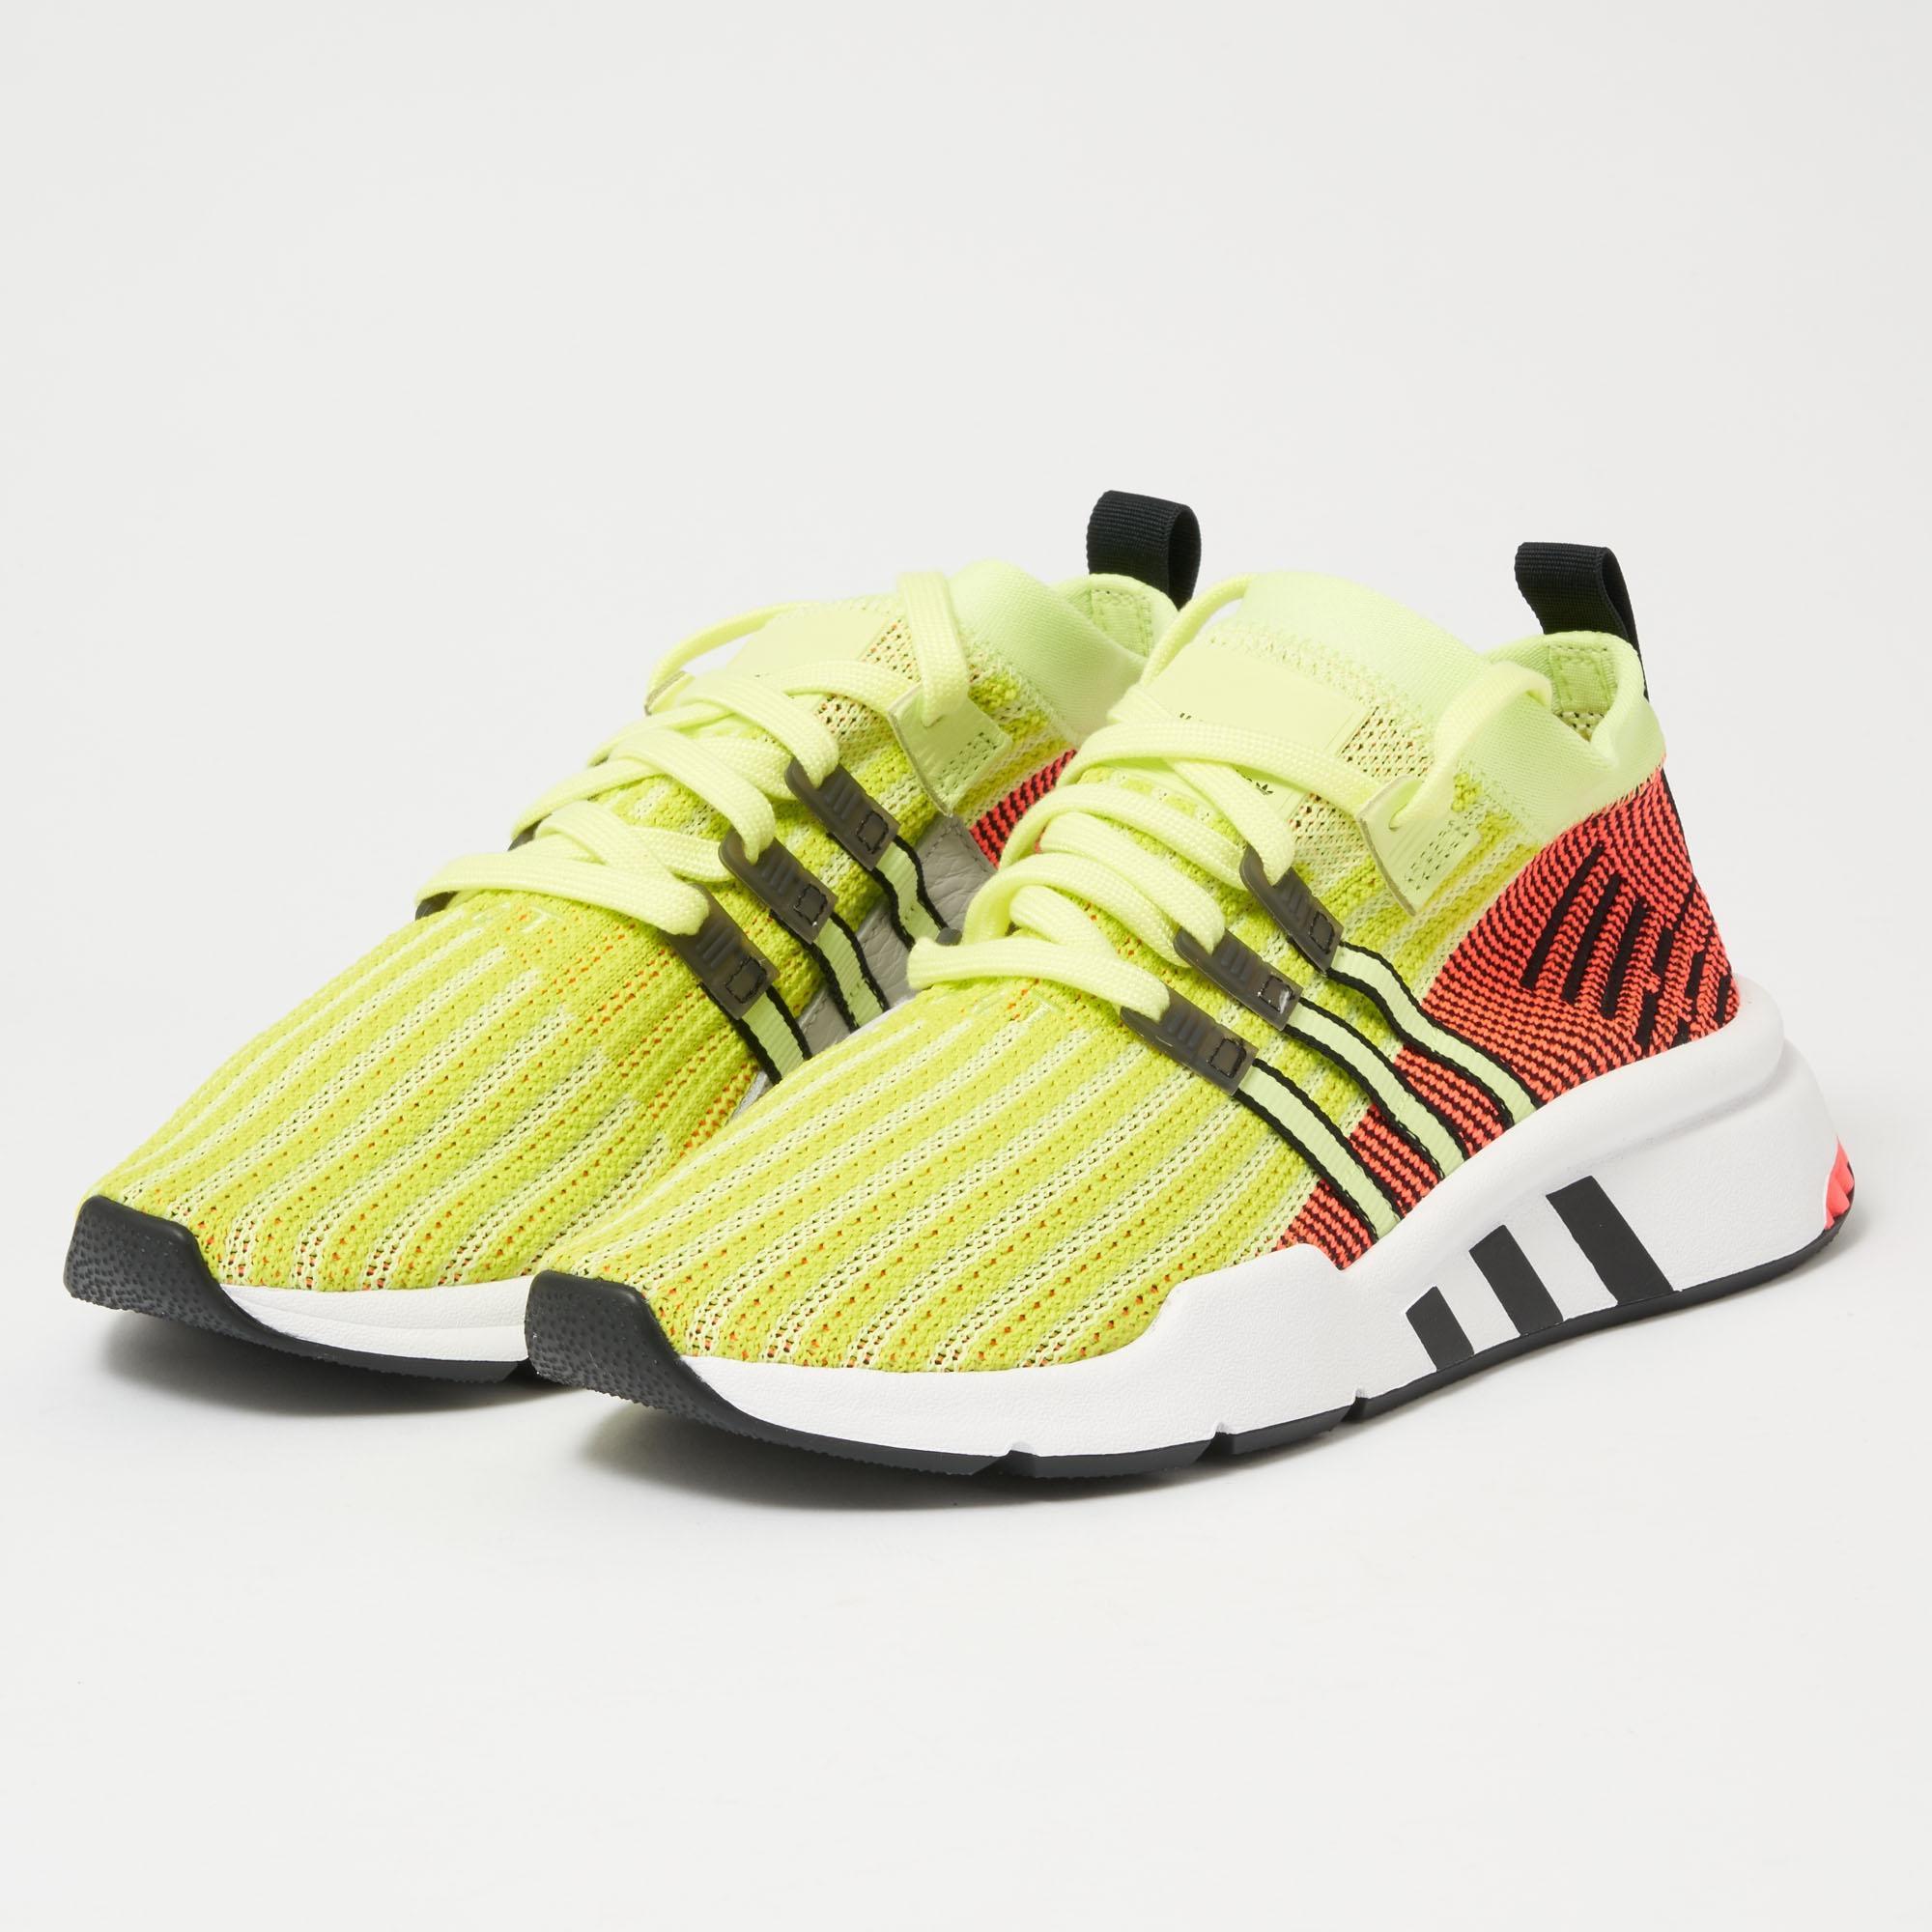 finest selection c411e 4bab7 adidas Originals. Mens Eqt Support Mid Adv Primeknit